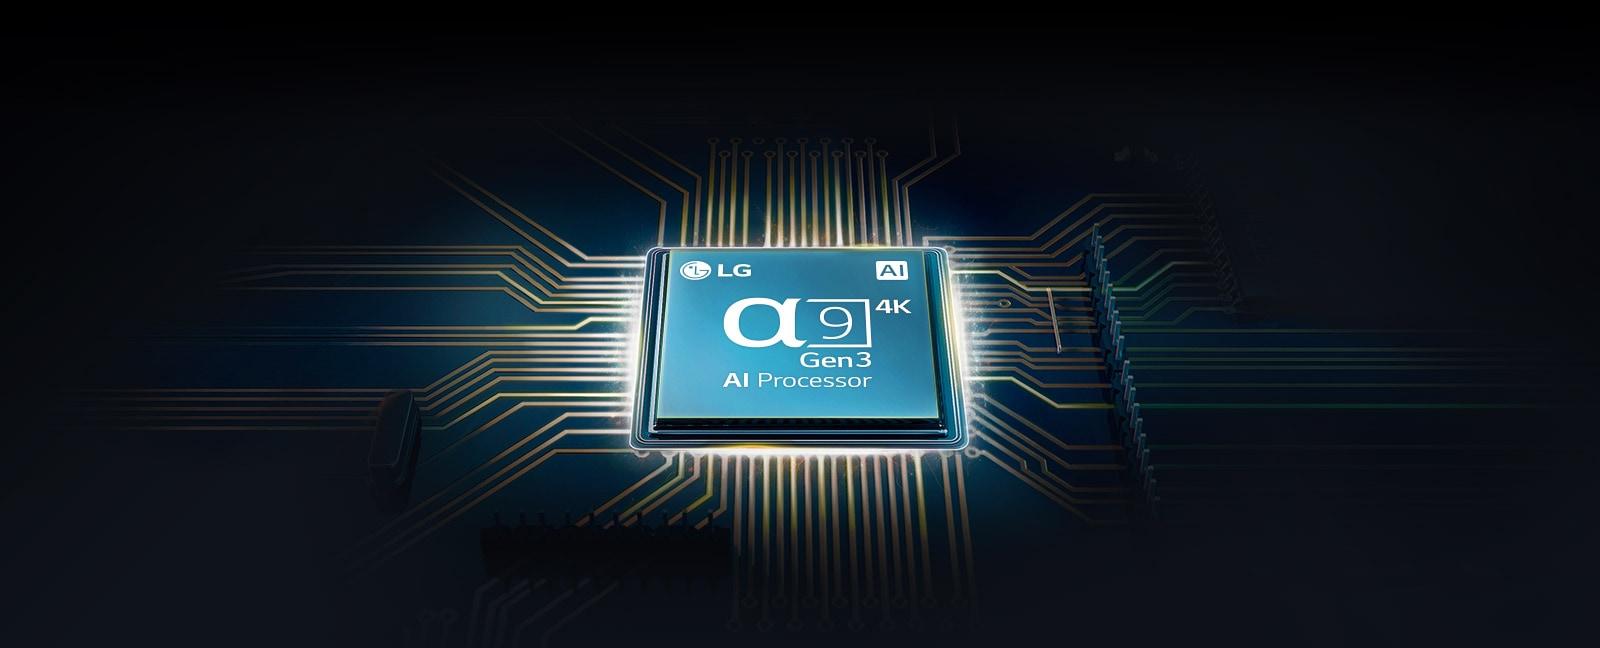 Процесор Alpha9 вбудований у материнську плату телевізора.